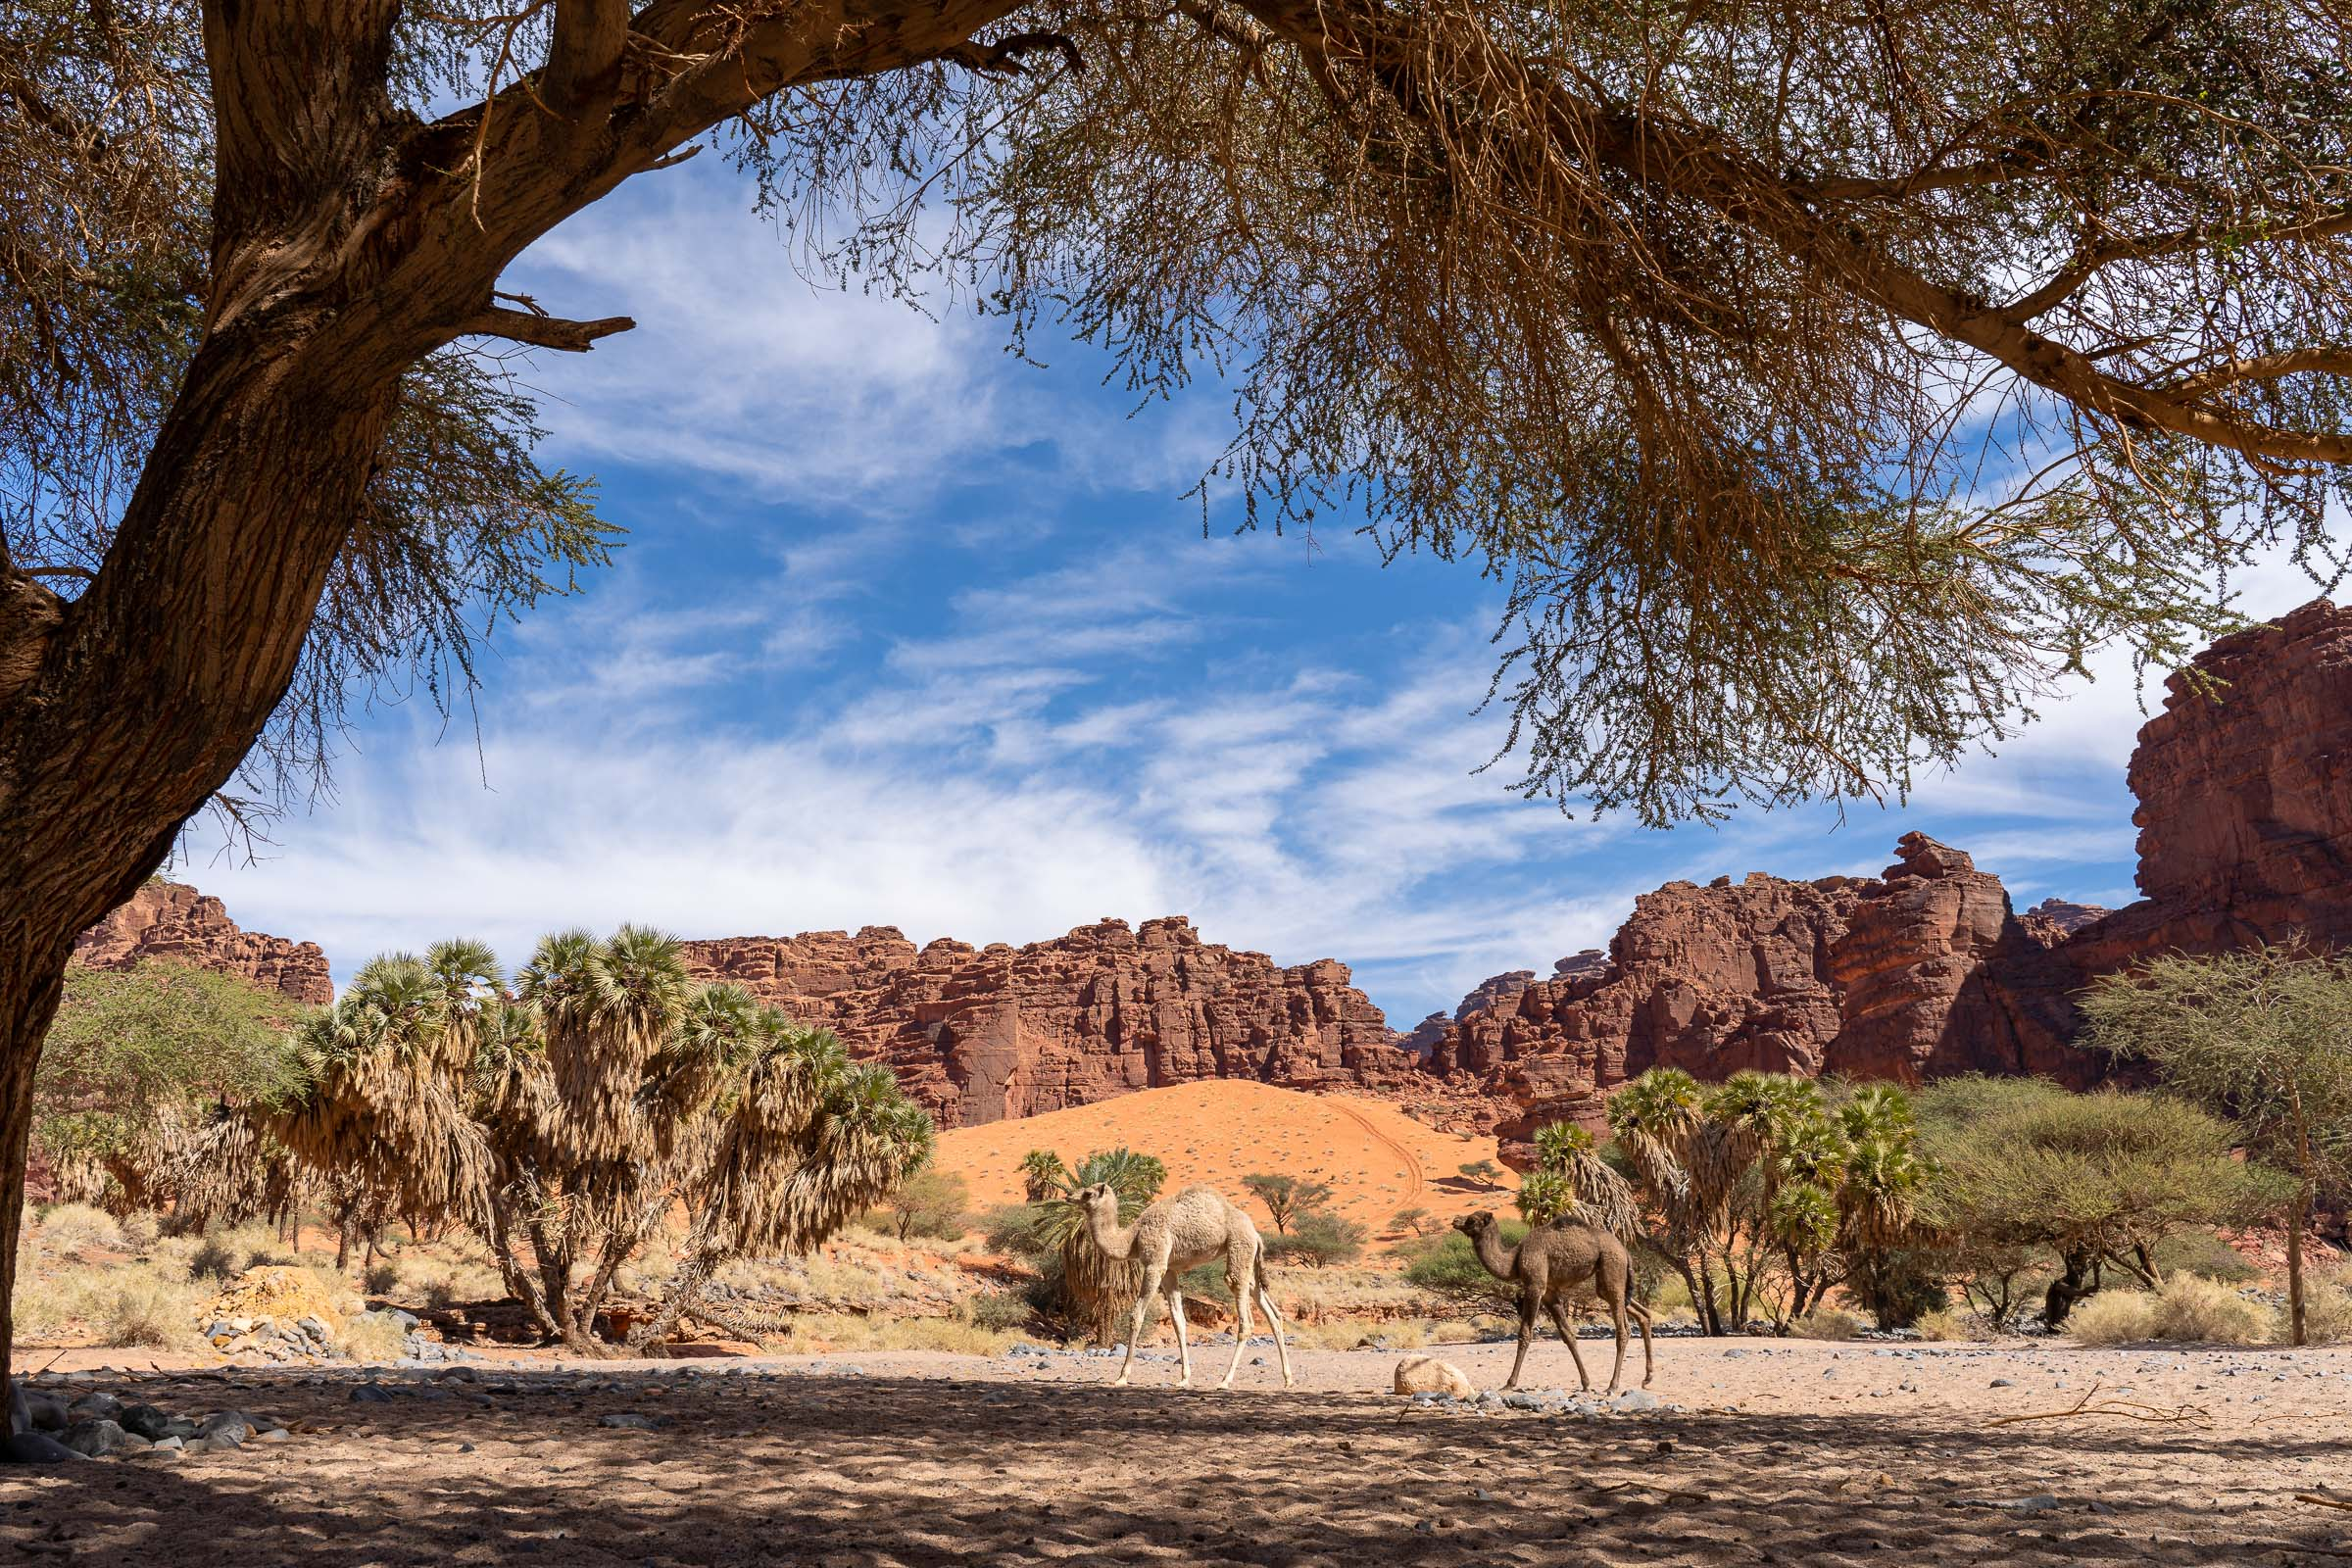 wandelen door woestijnlandschap Saoedi-arabië